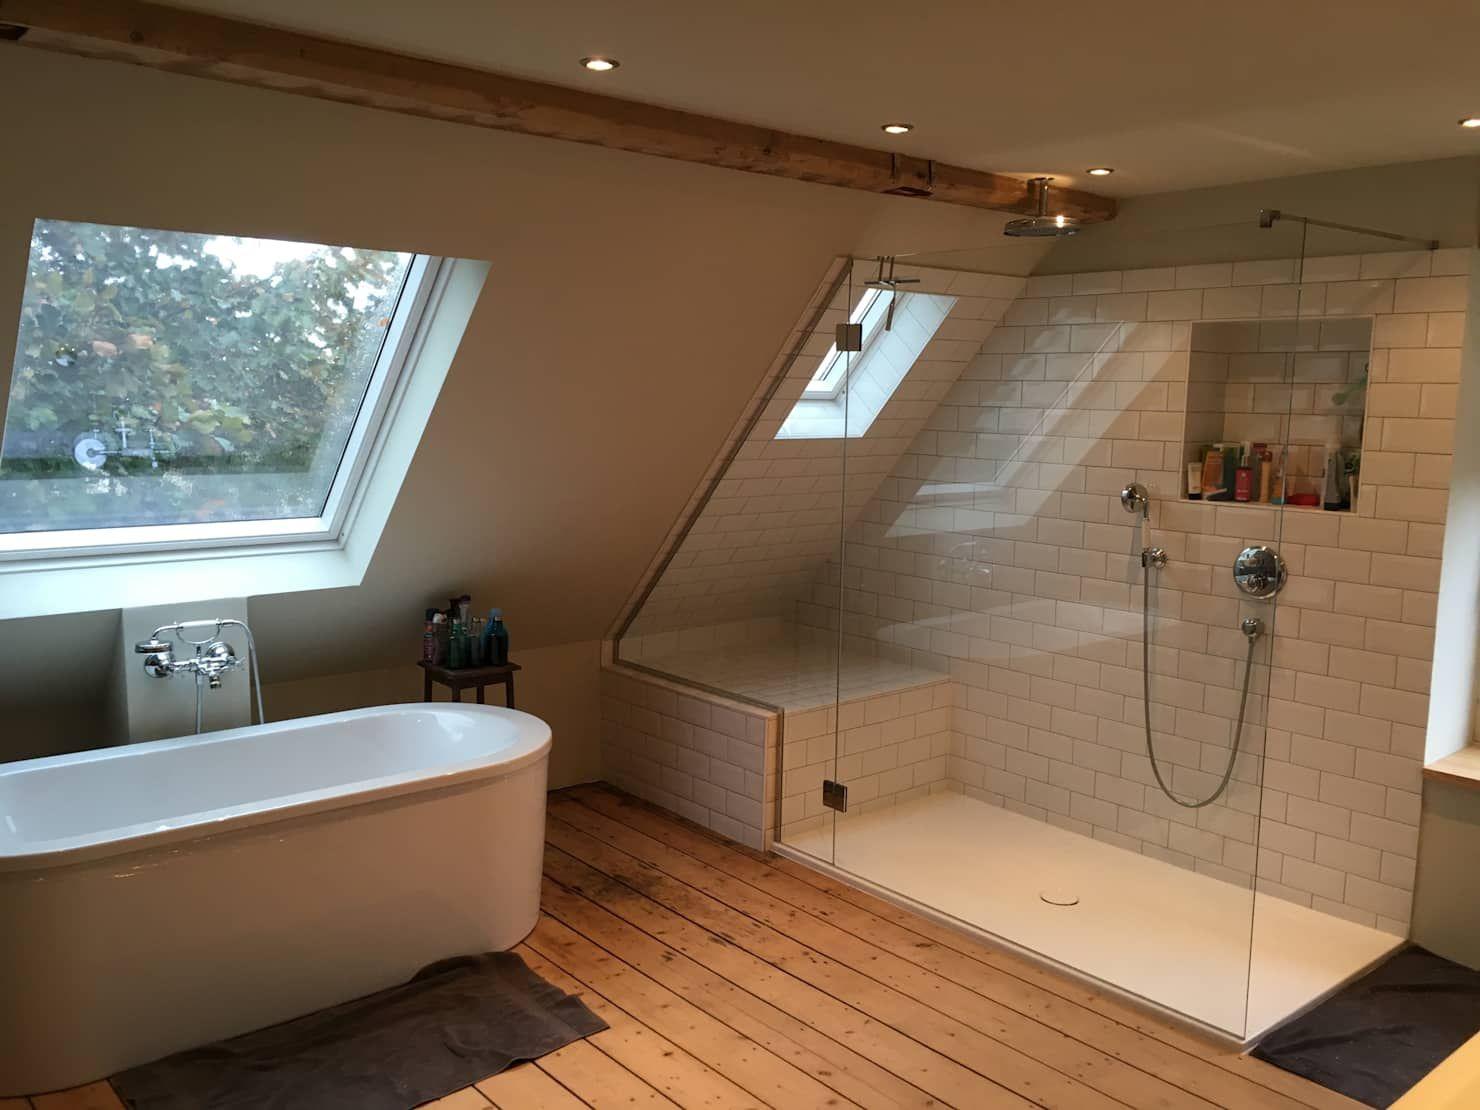 Hauptbad im offenen dachgeschoss schlafzimmer im